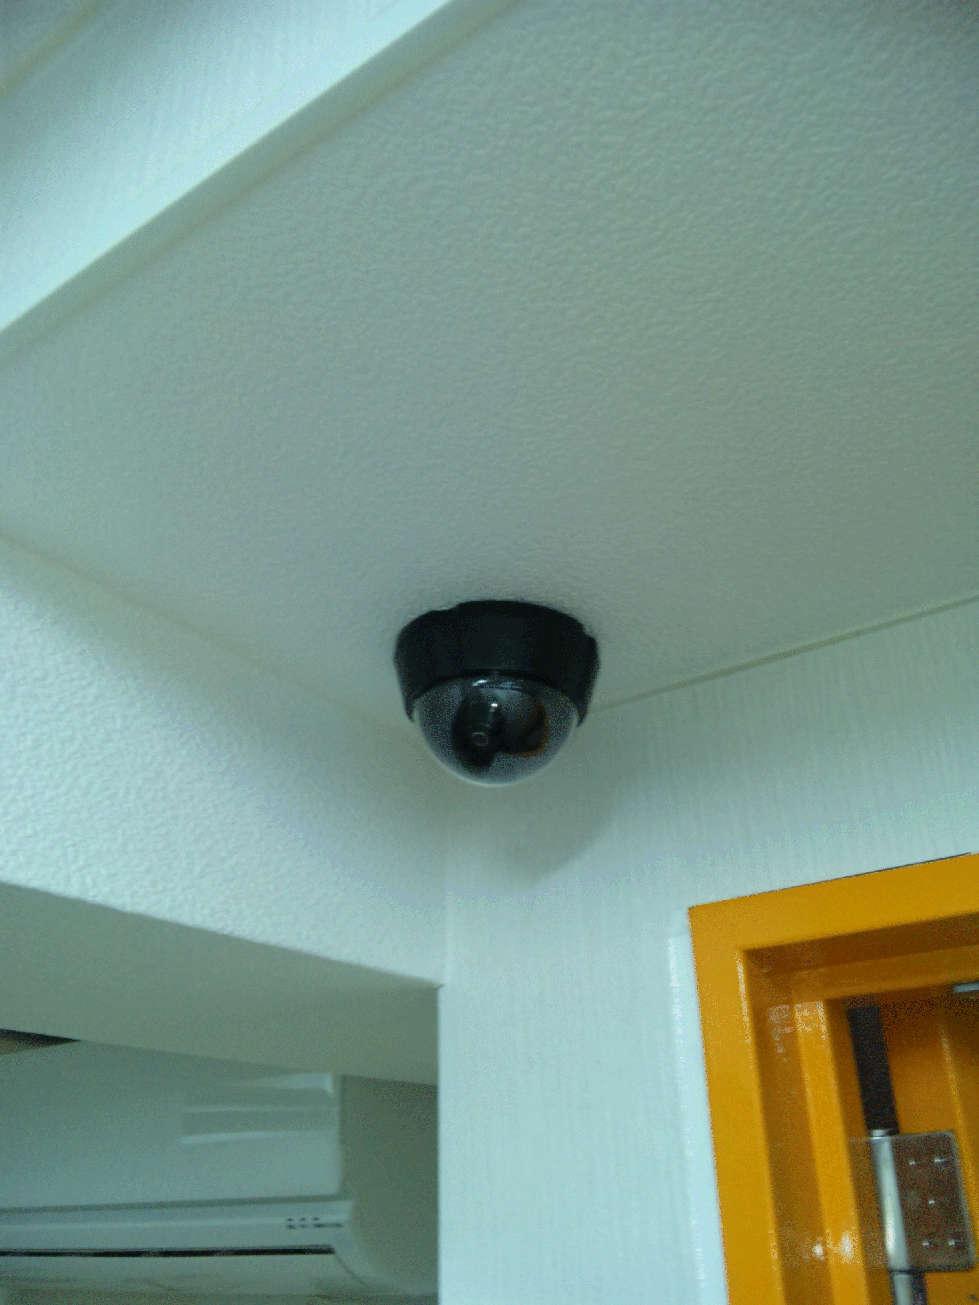 格安 トランクルーム カメラ セキュリティ 完備